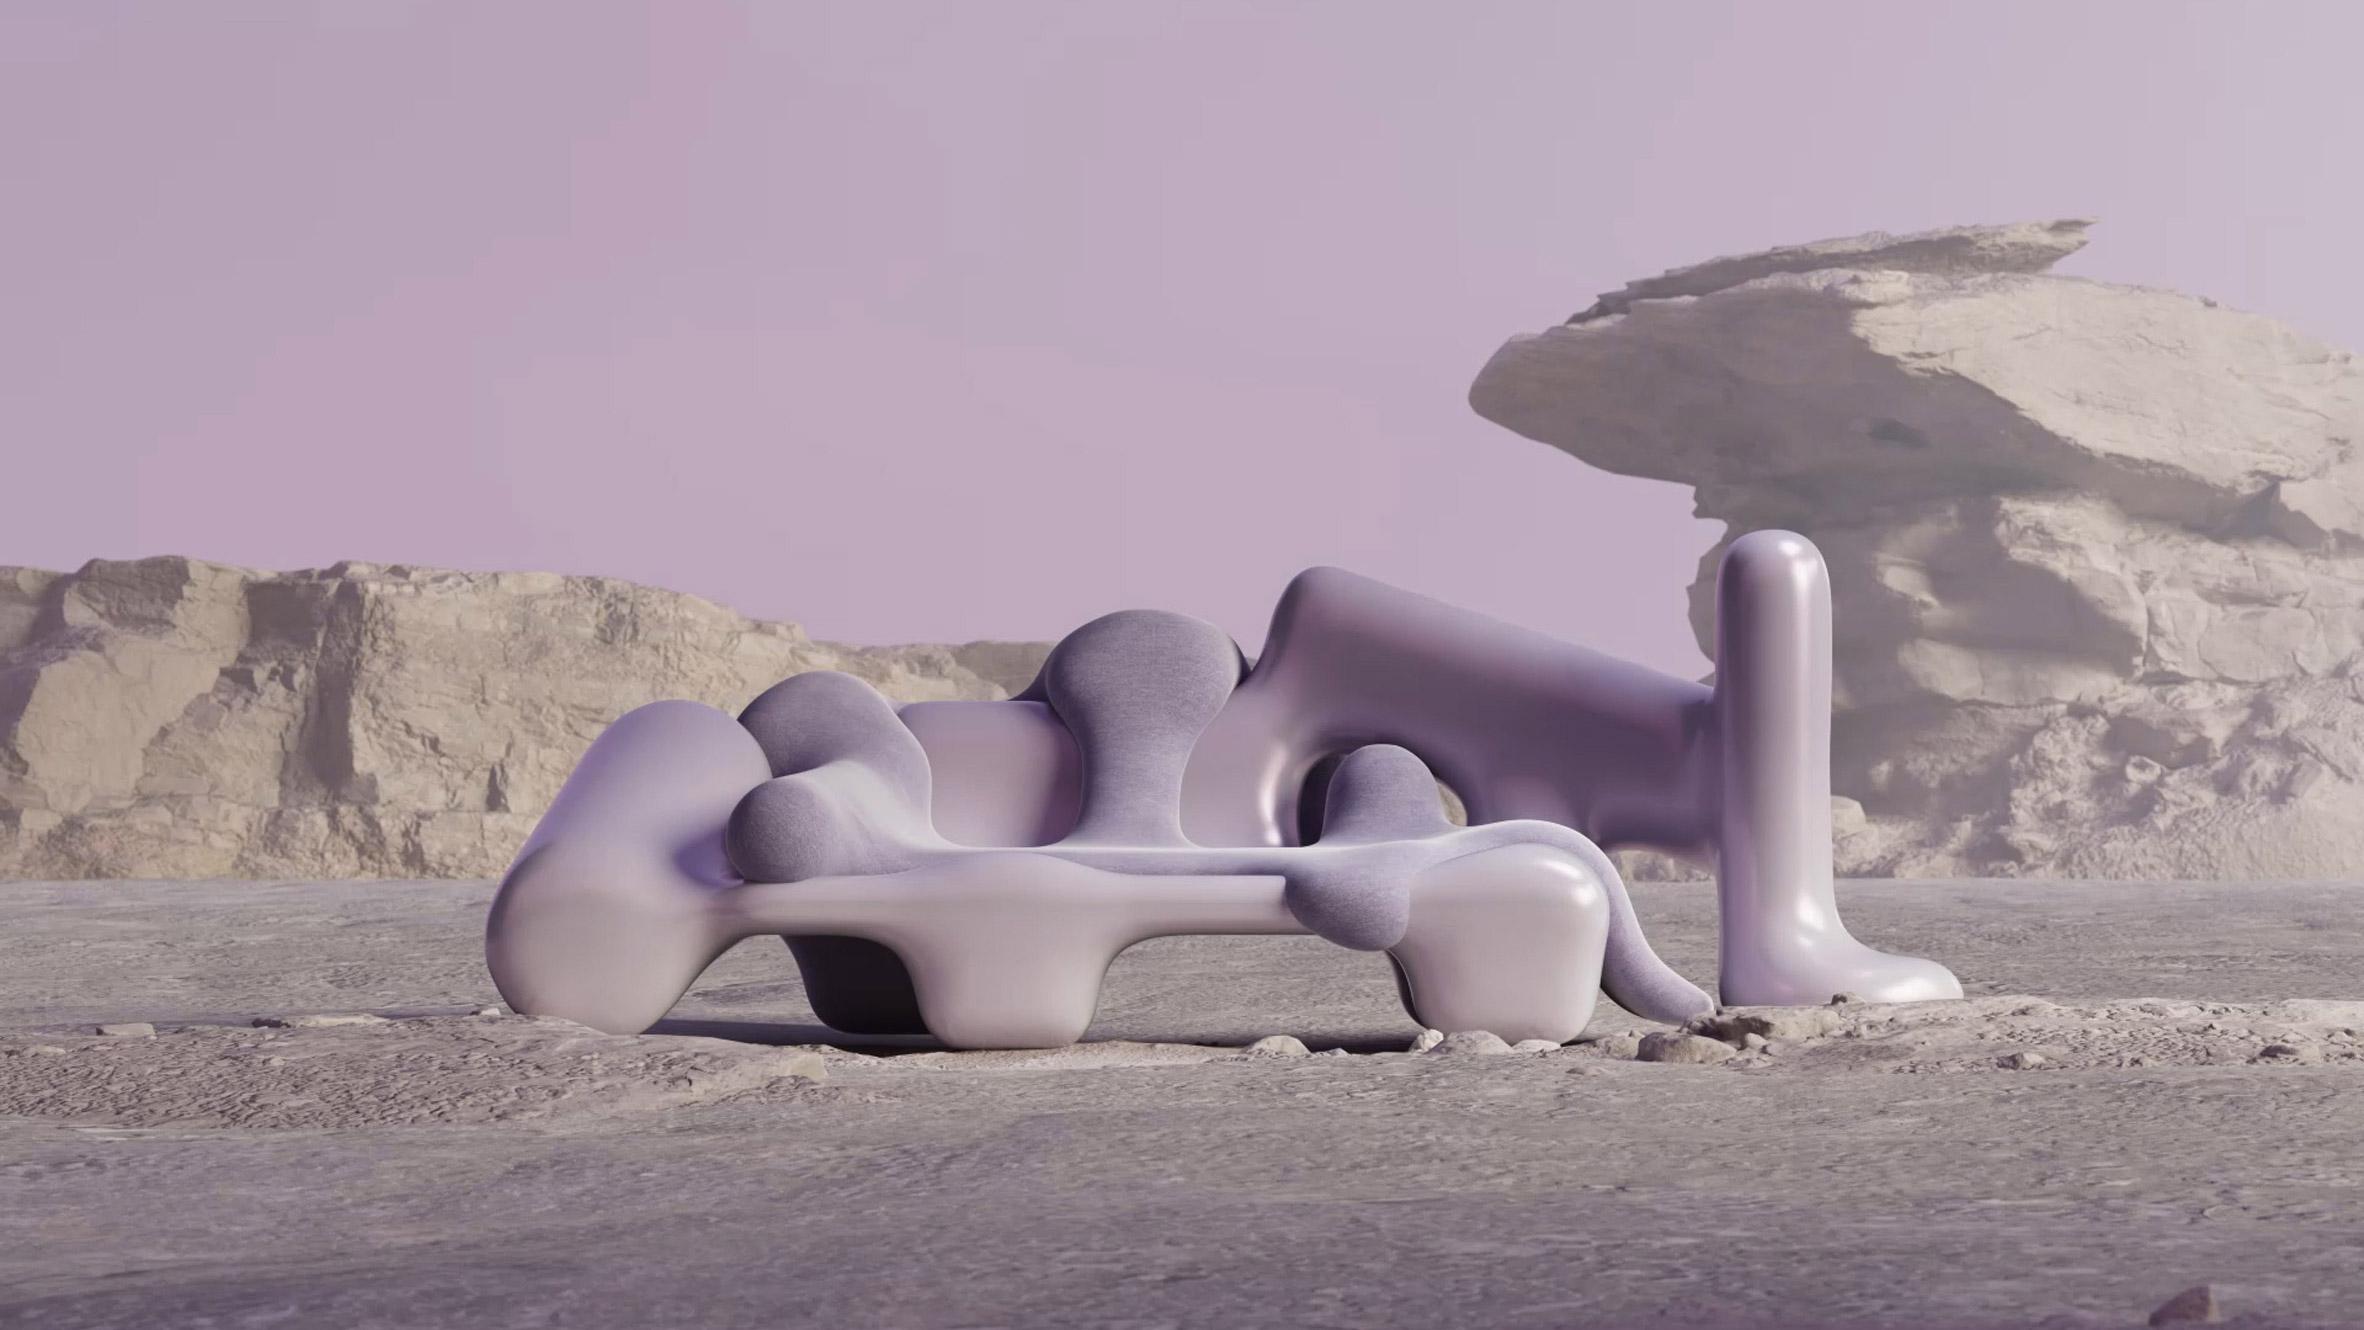 D render by Andrés Reisinger